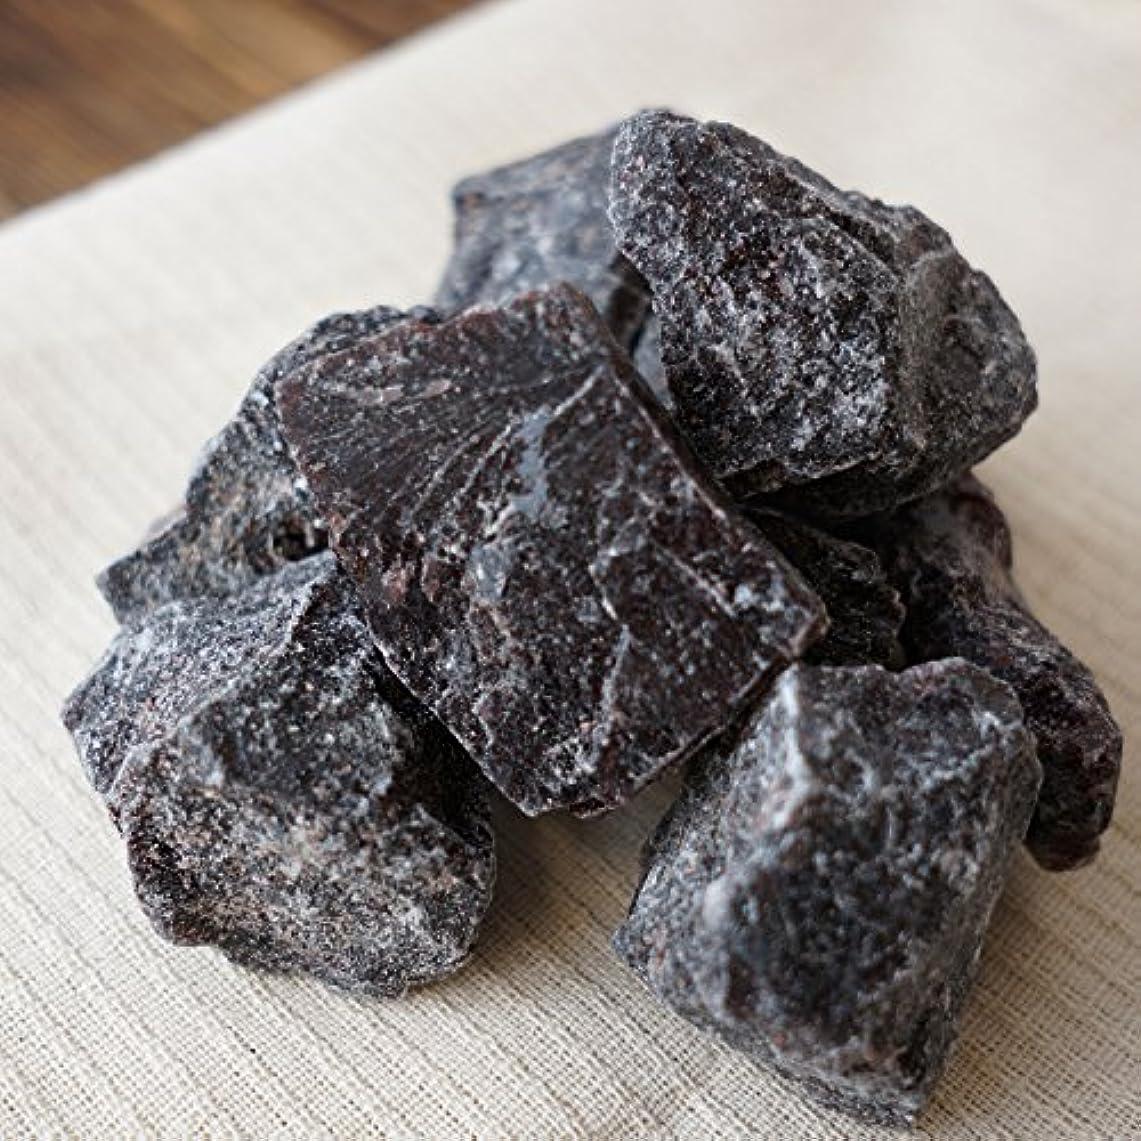 迷惑電卓シフト希少 インド岩塩 ルビー ブロック 約2-5cm 10kg 10,000g 原料